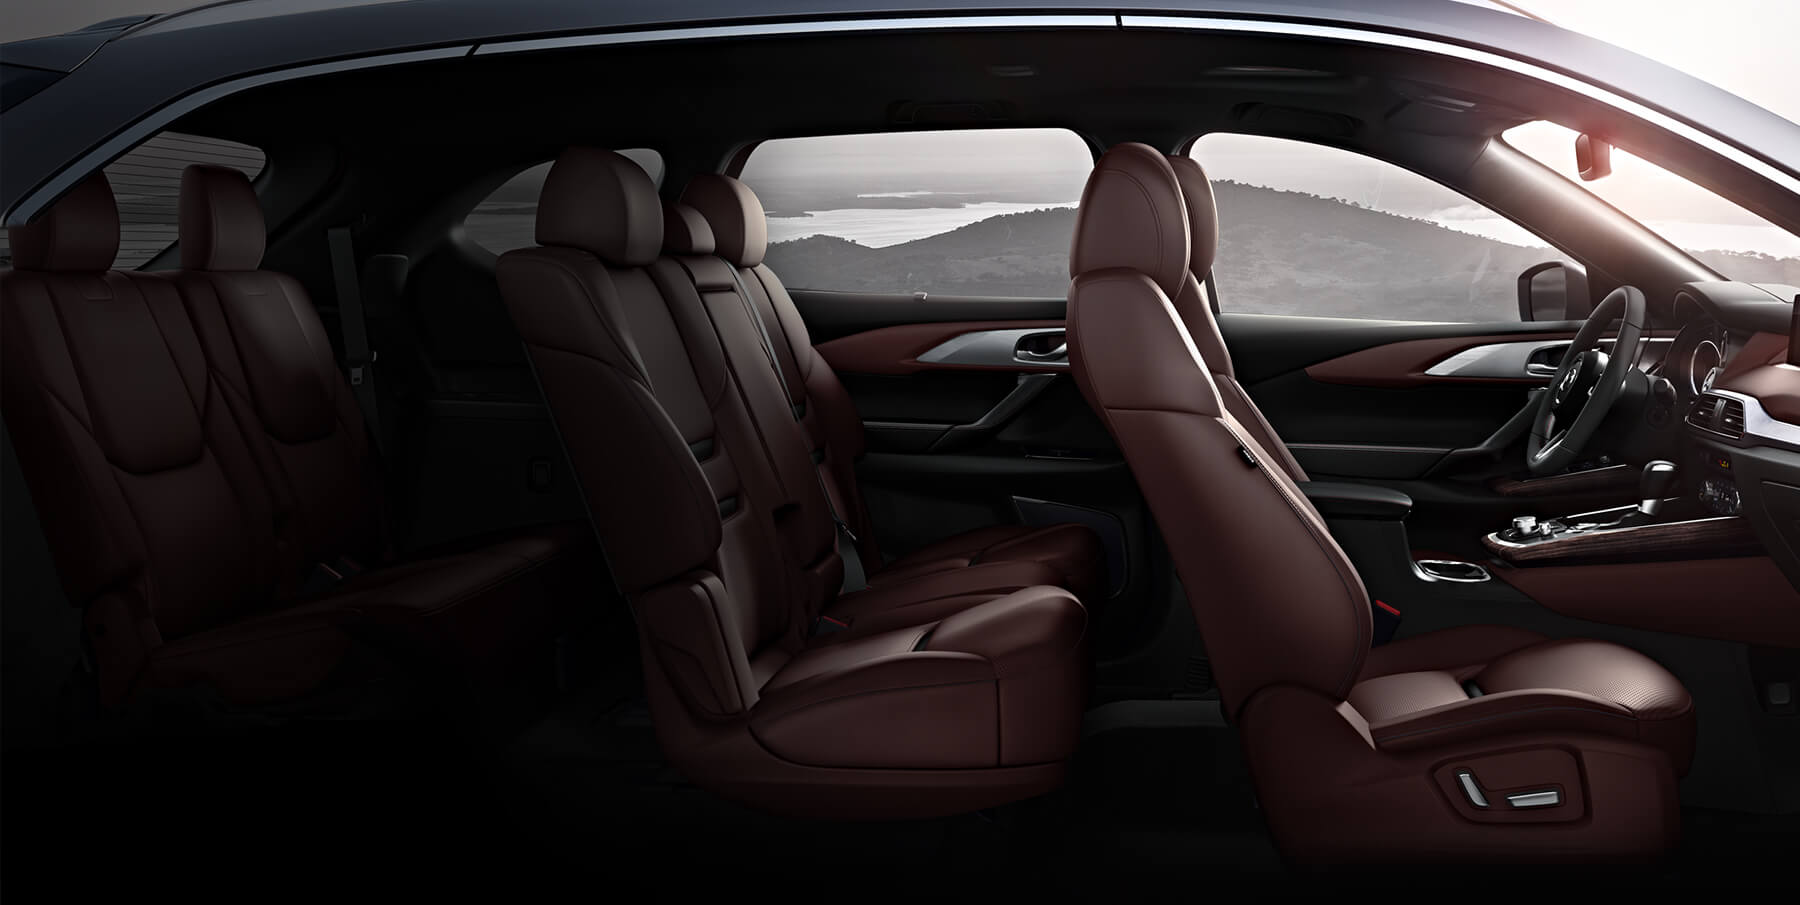 Mazda cx9 interior